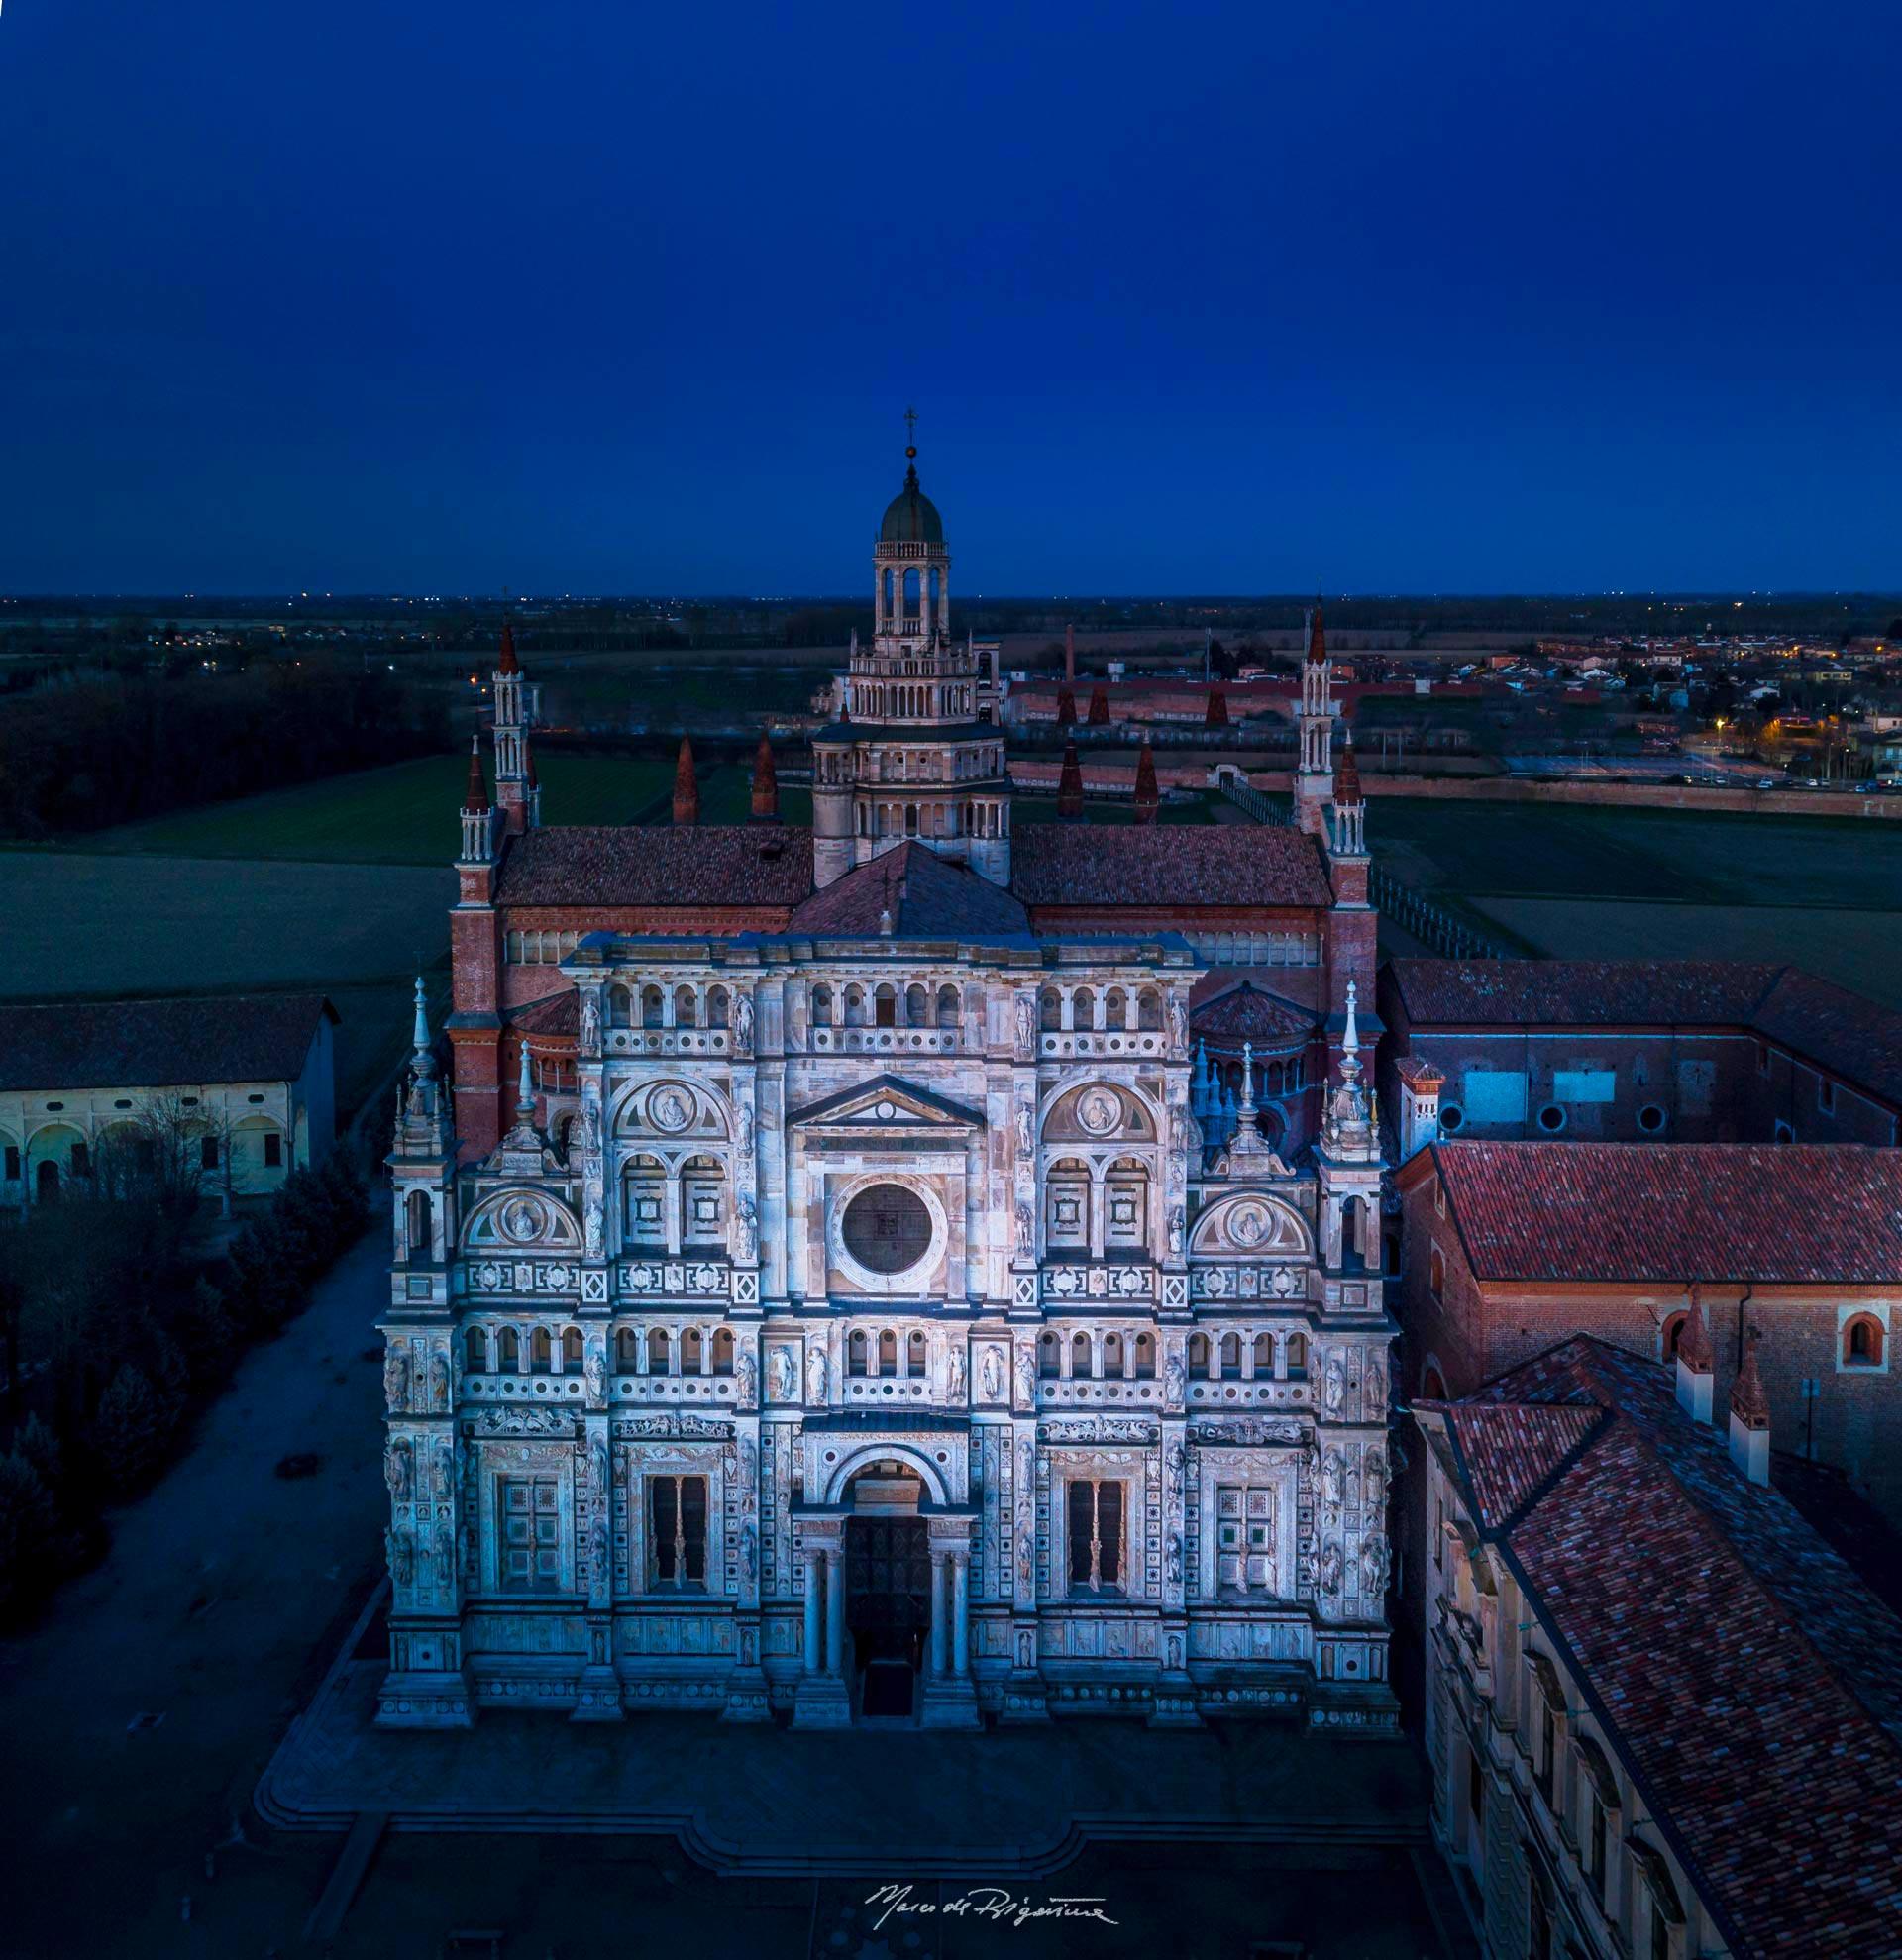 esperienza drone immagine portfolio turismo promozione territorio italia antiche residenze castelli alberghi hotelcertosa ora blu otto 1.jpg